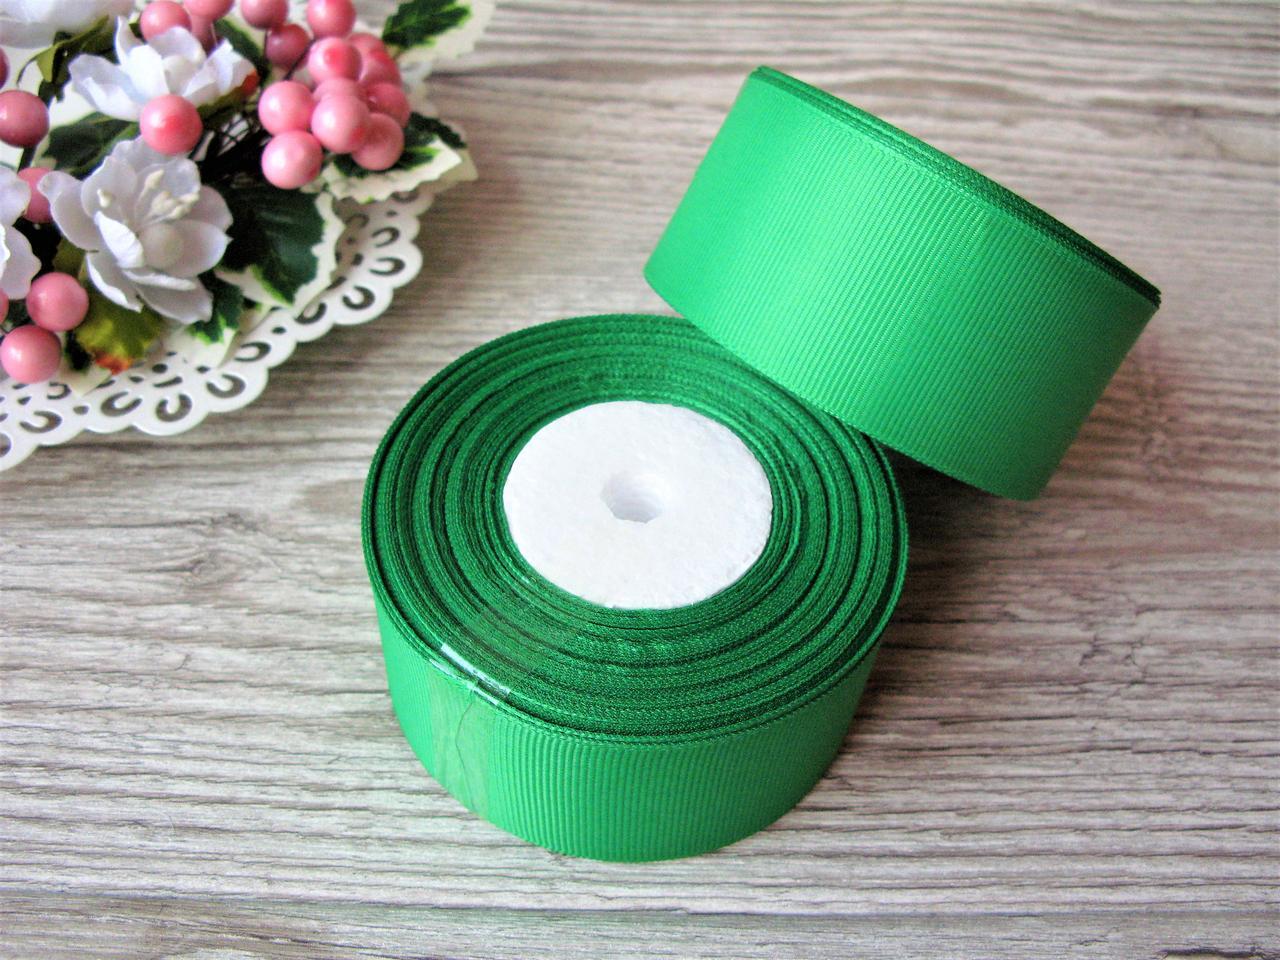 Лента репсовая 4 см ярко зеленый, бобина 18 м - 51 грн